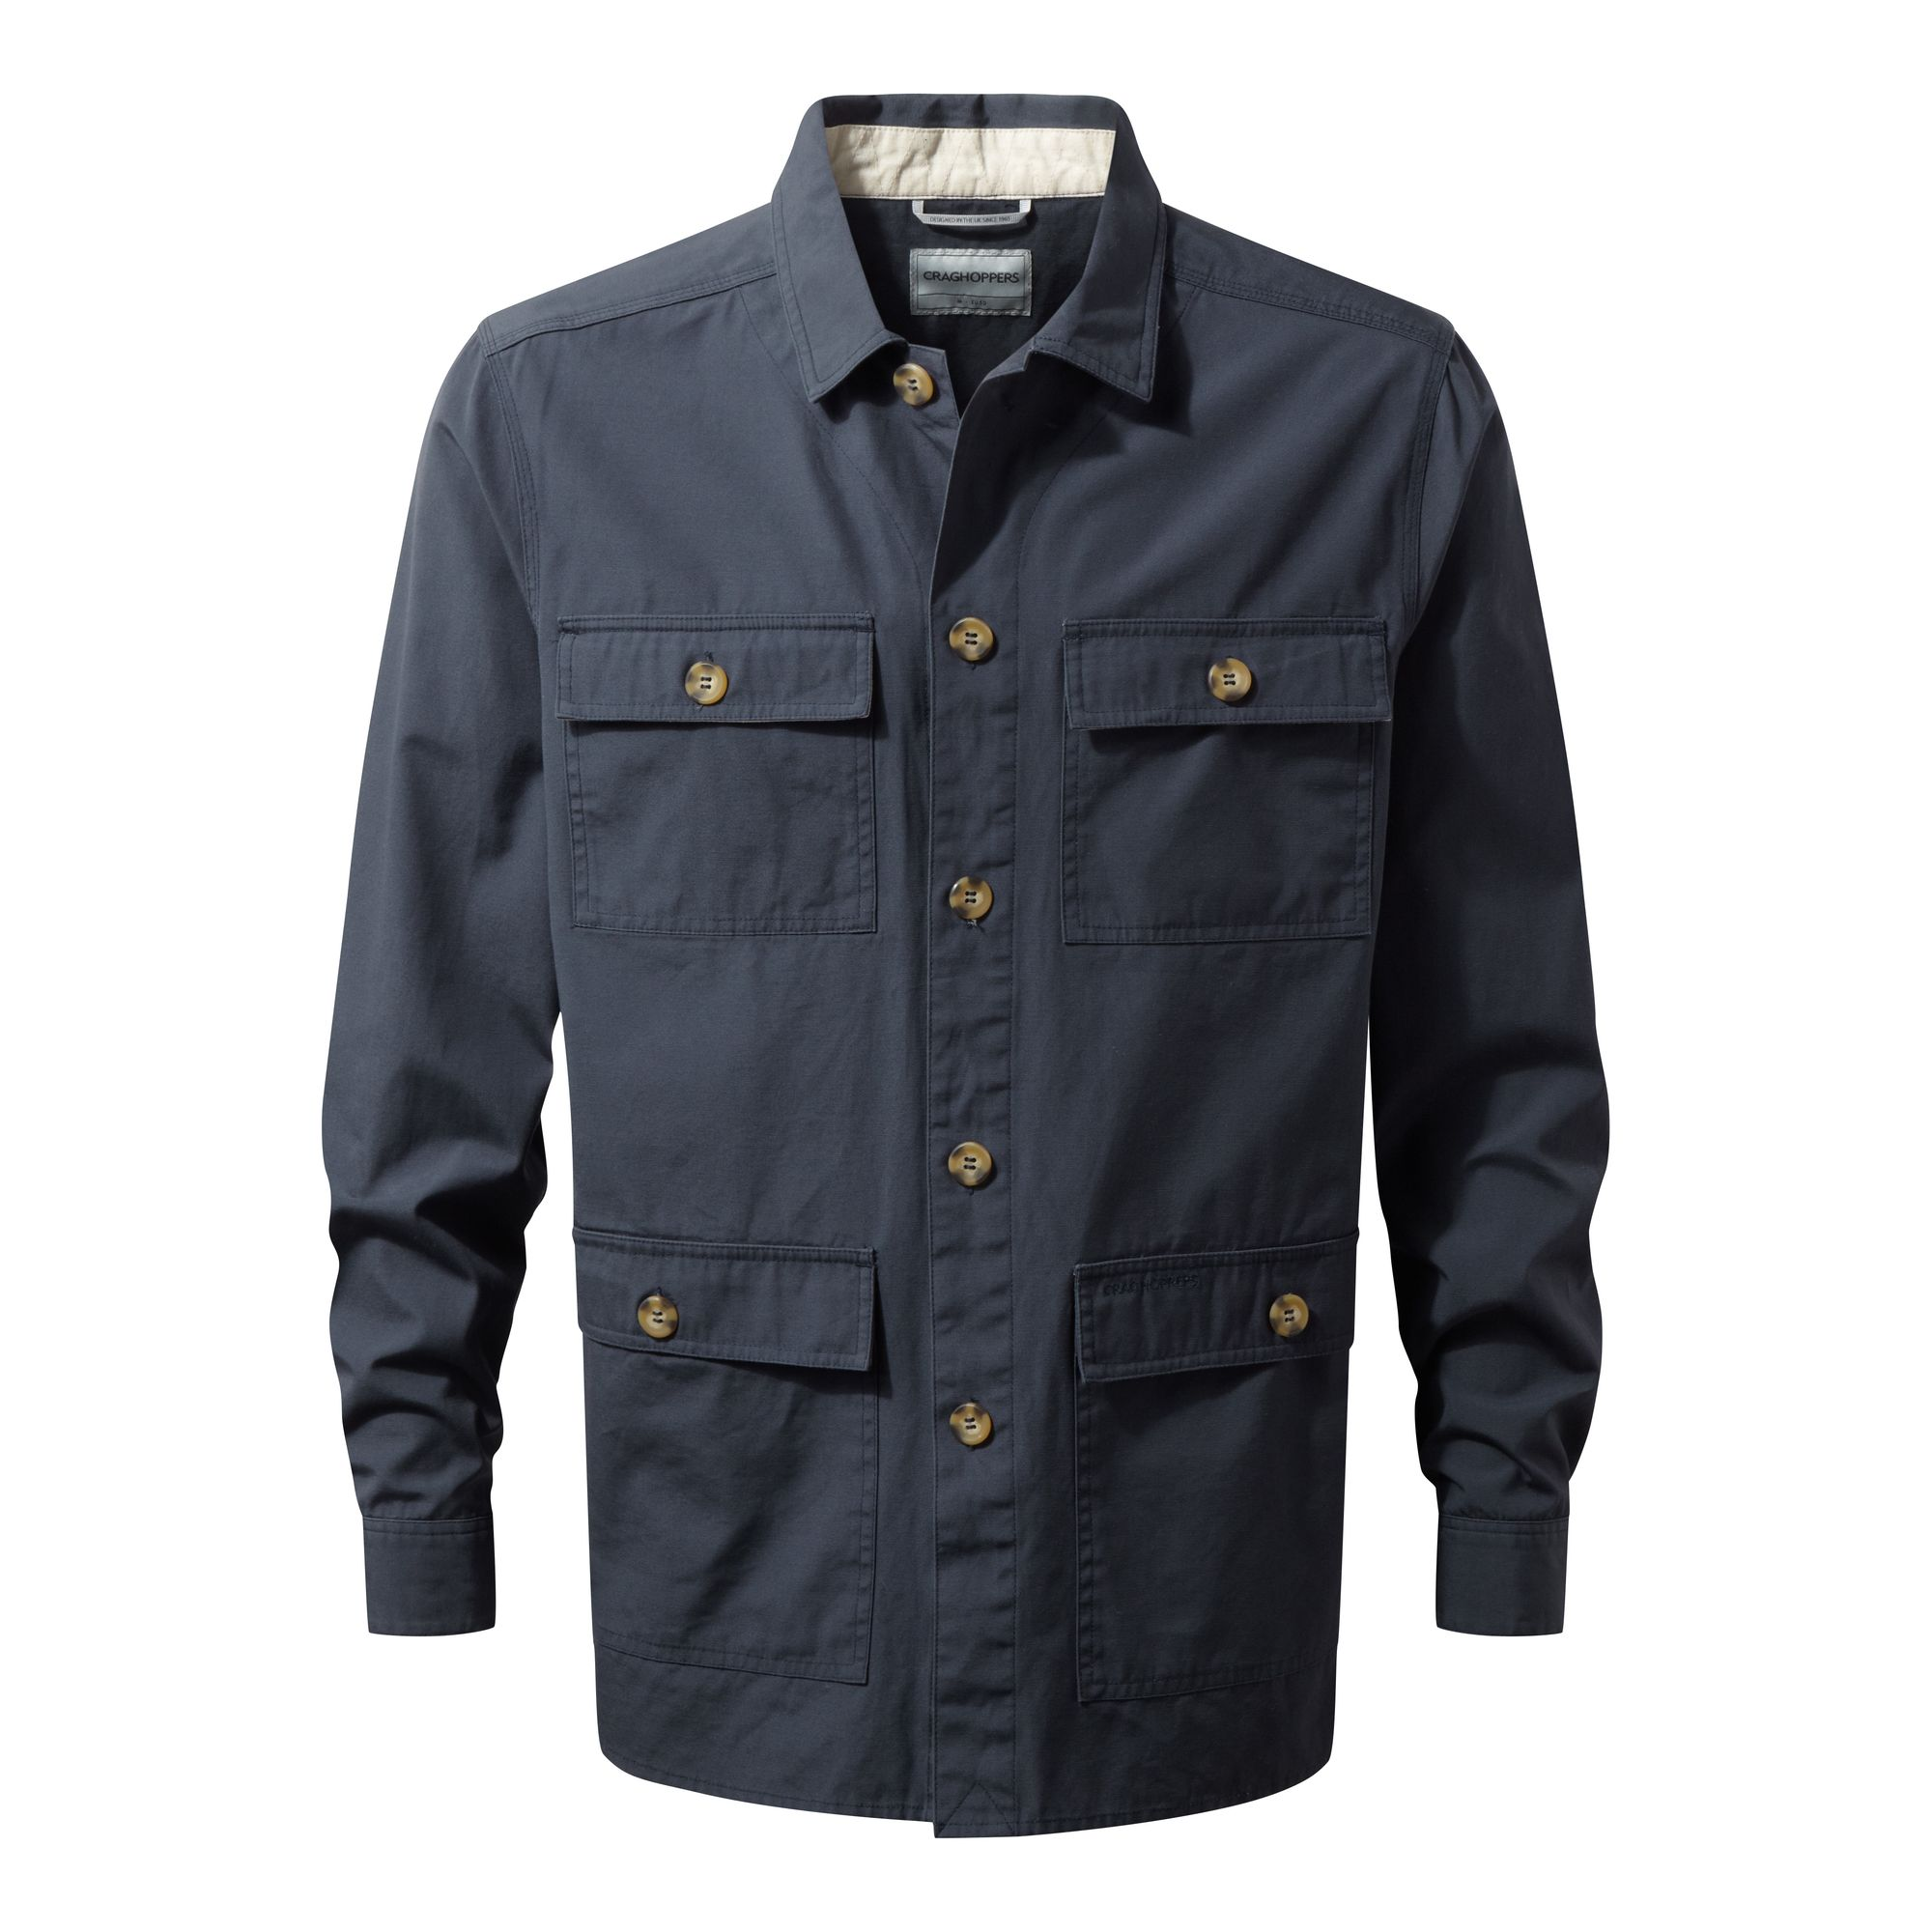 Craghoppers-Mens-Bridport-Jacket-Shirt-CG808